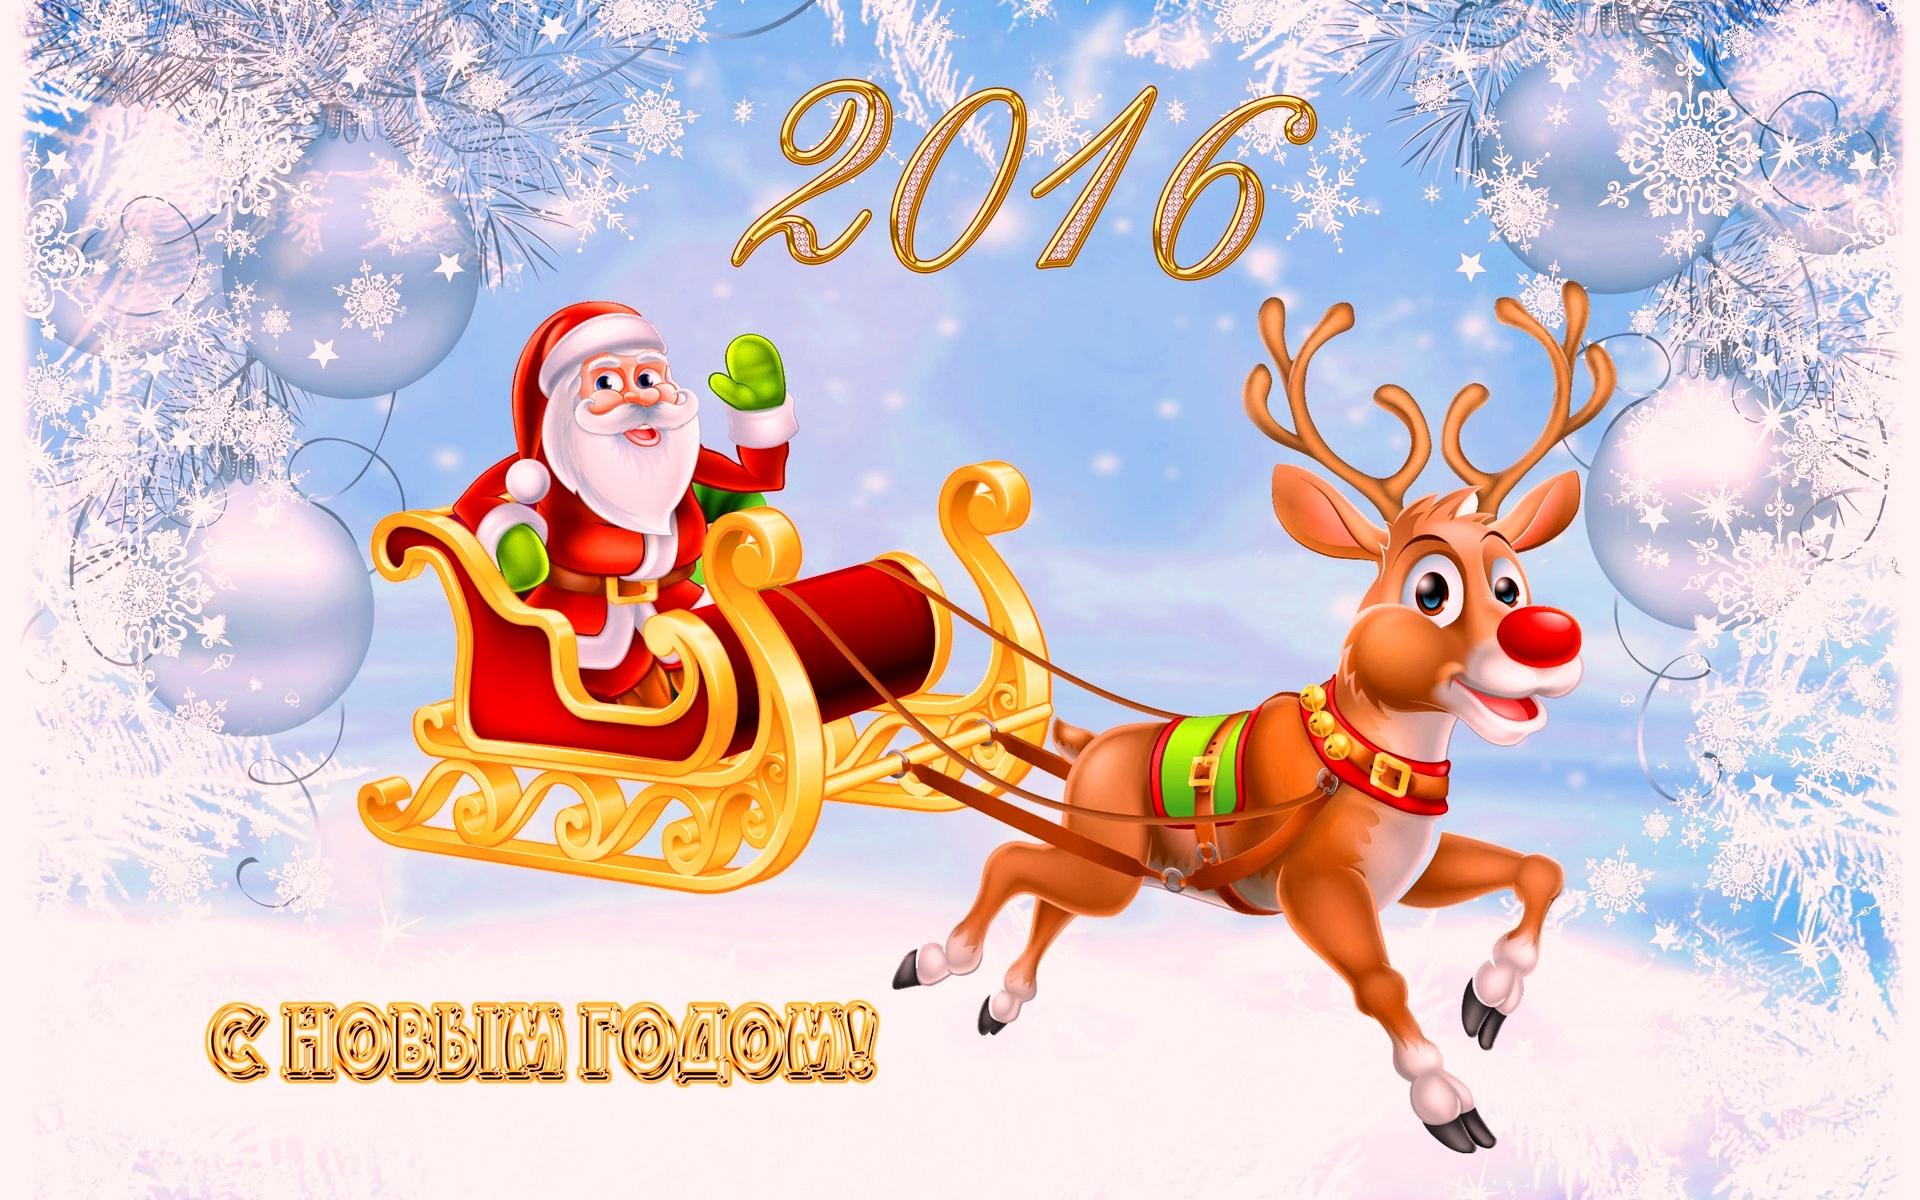 Поздравления 2016 картинки